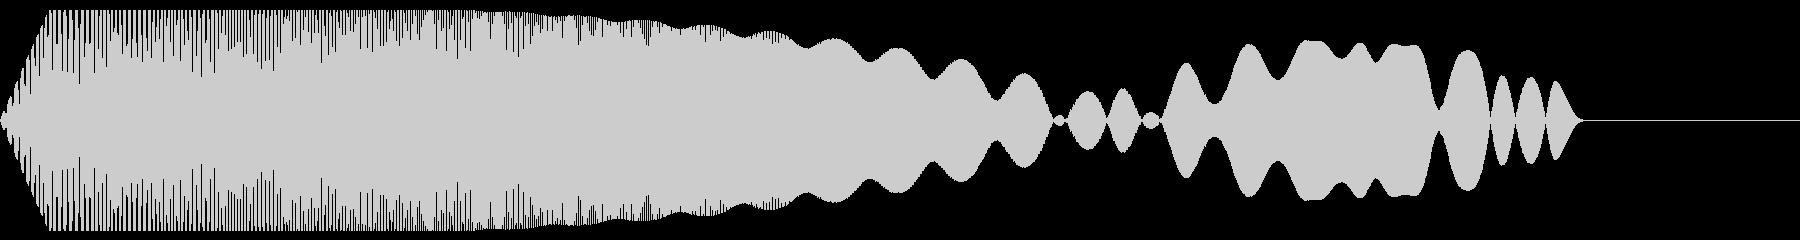 ブーン(ワープ/ファミコン/ピコピコ宇宙の未再生の波形